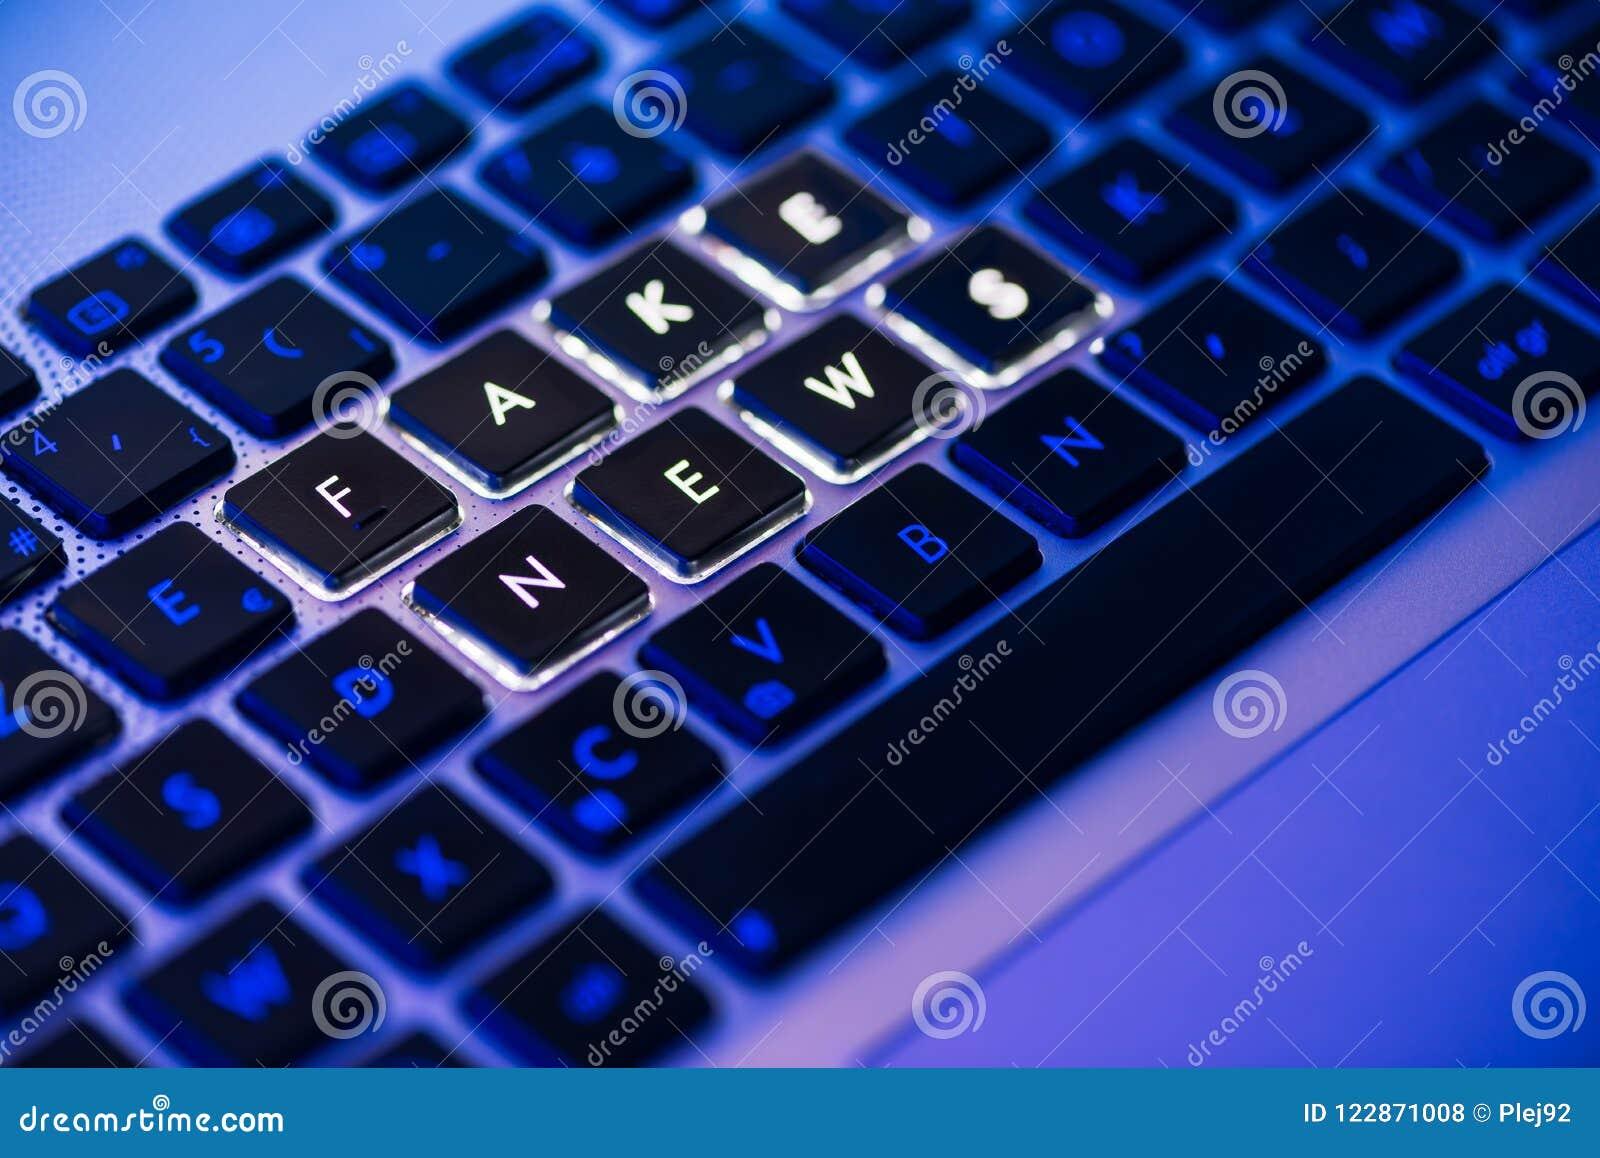 Notizie false scritte su una tastiera retroilluminata in una luce ambiente blu